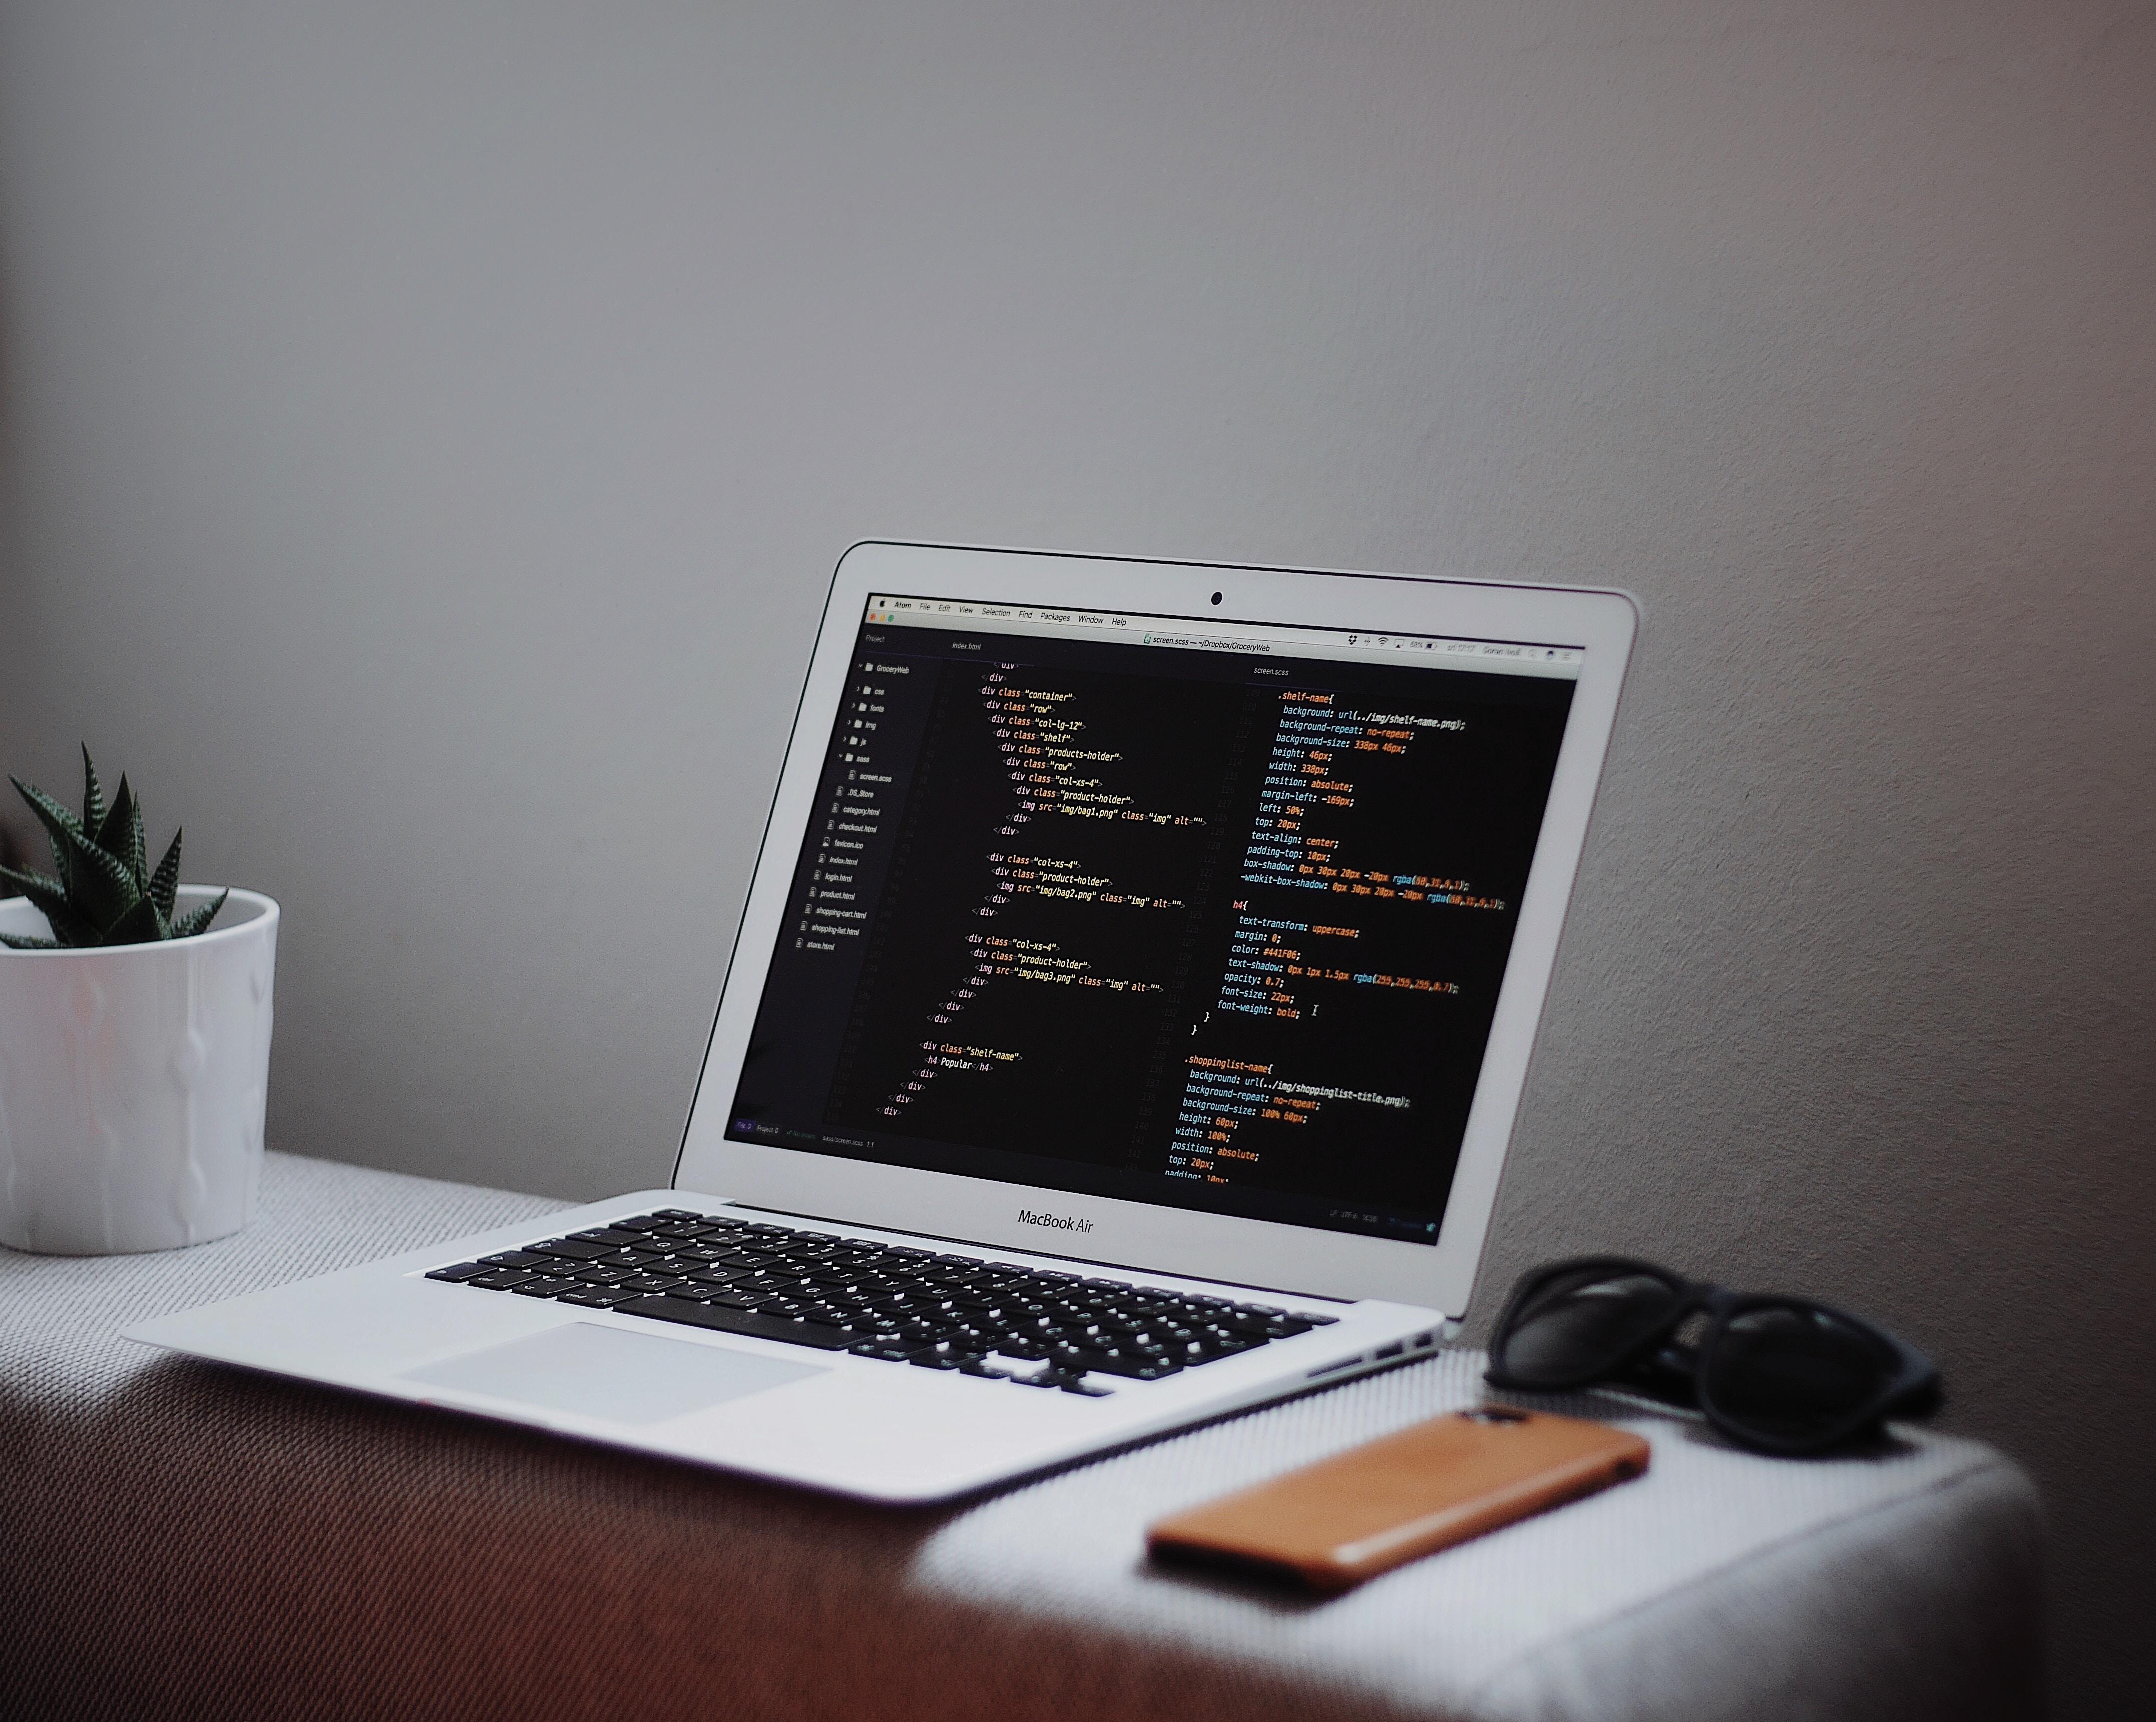 Les entreprises face aux cybermenaces: un bilan contrasté selon un rapport de FireEye